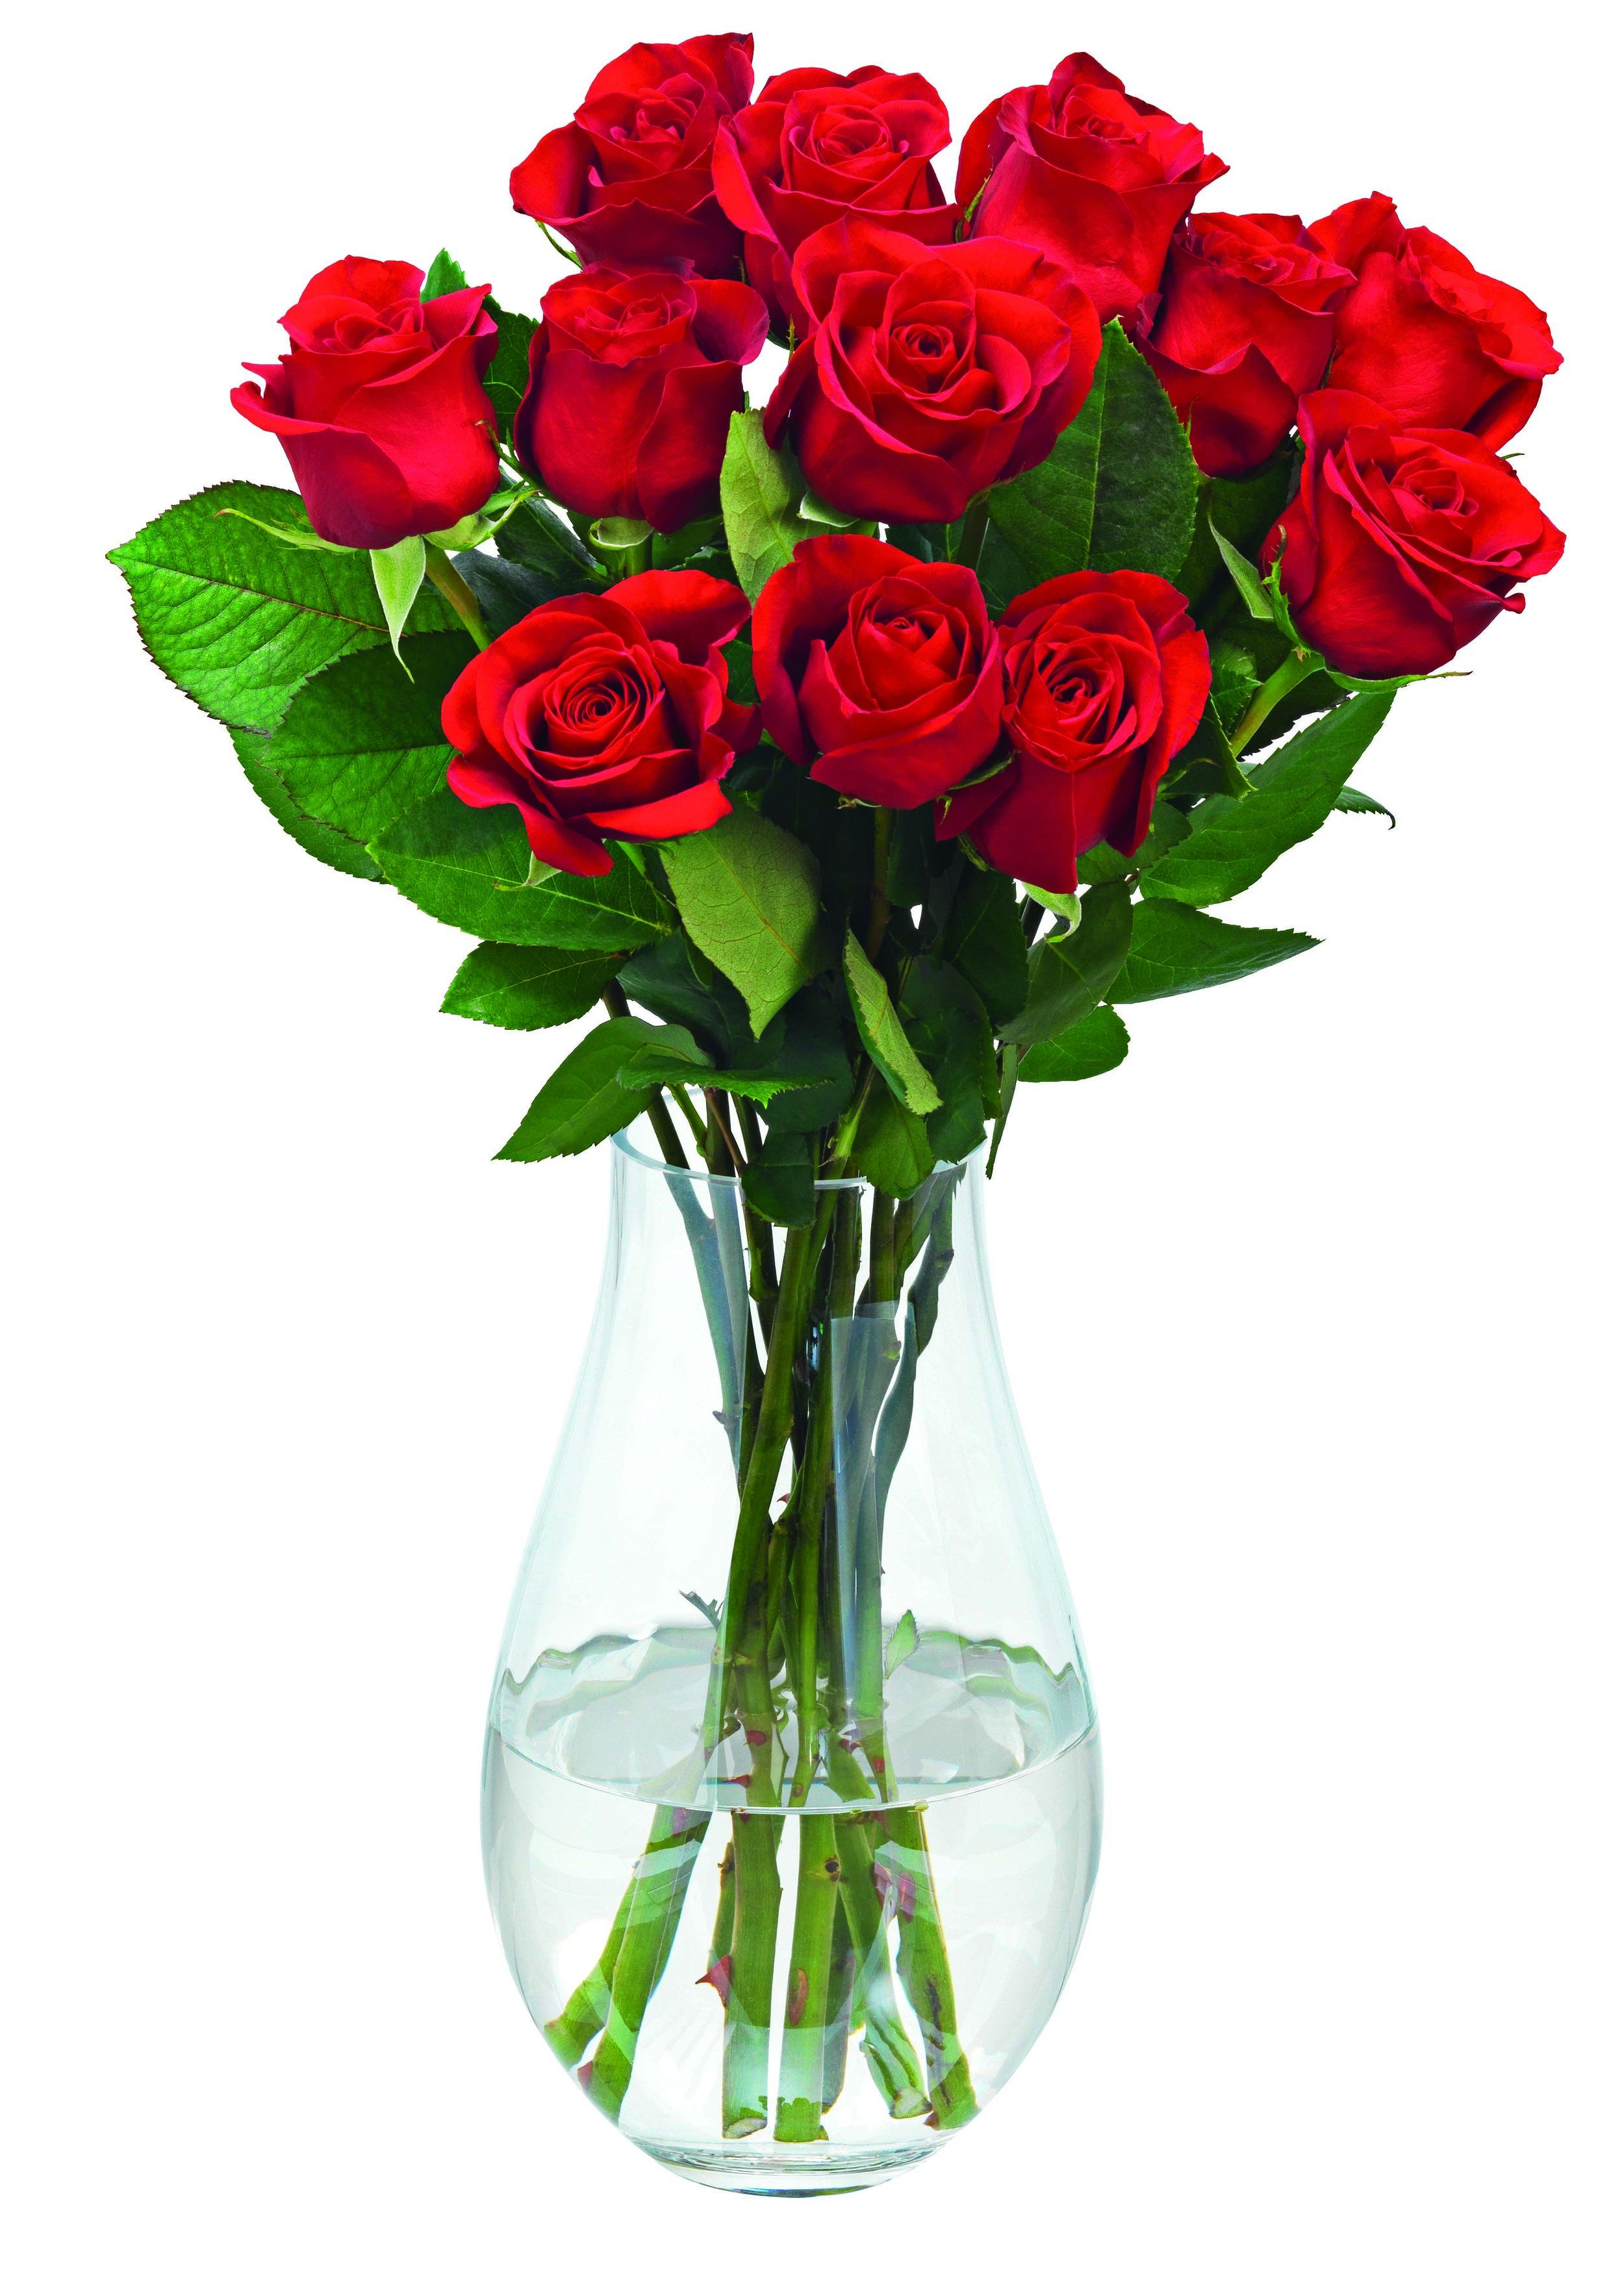 Tesco's dozen roses for £18